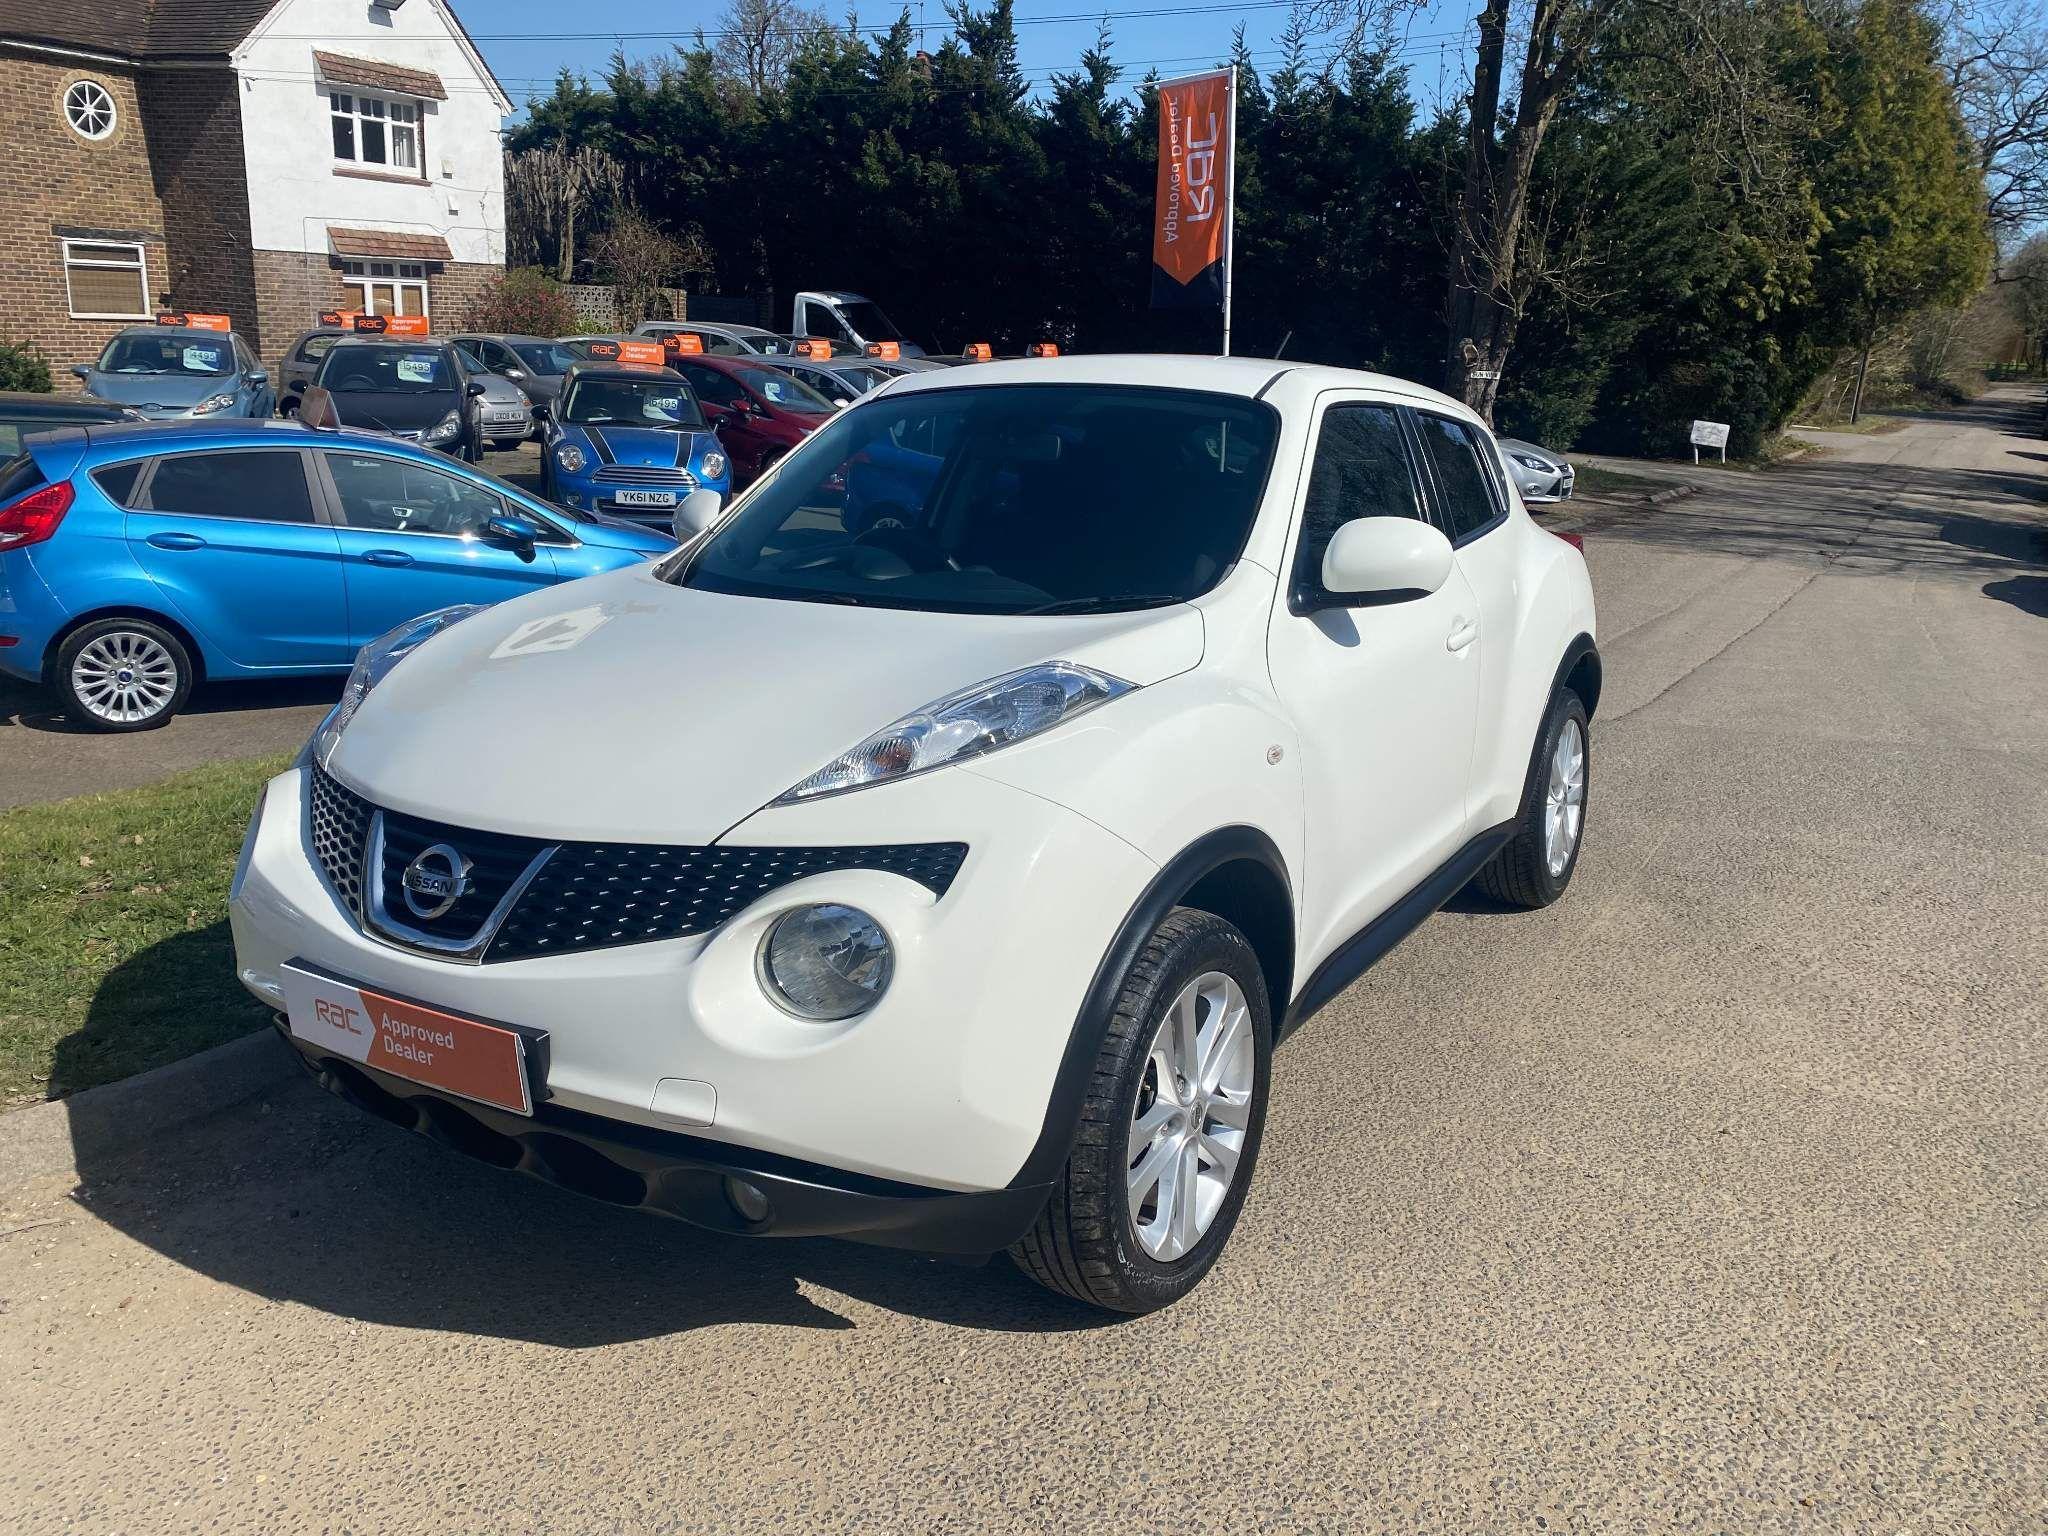 Used Nissan Juke for sale